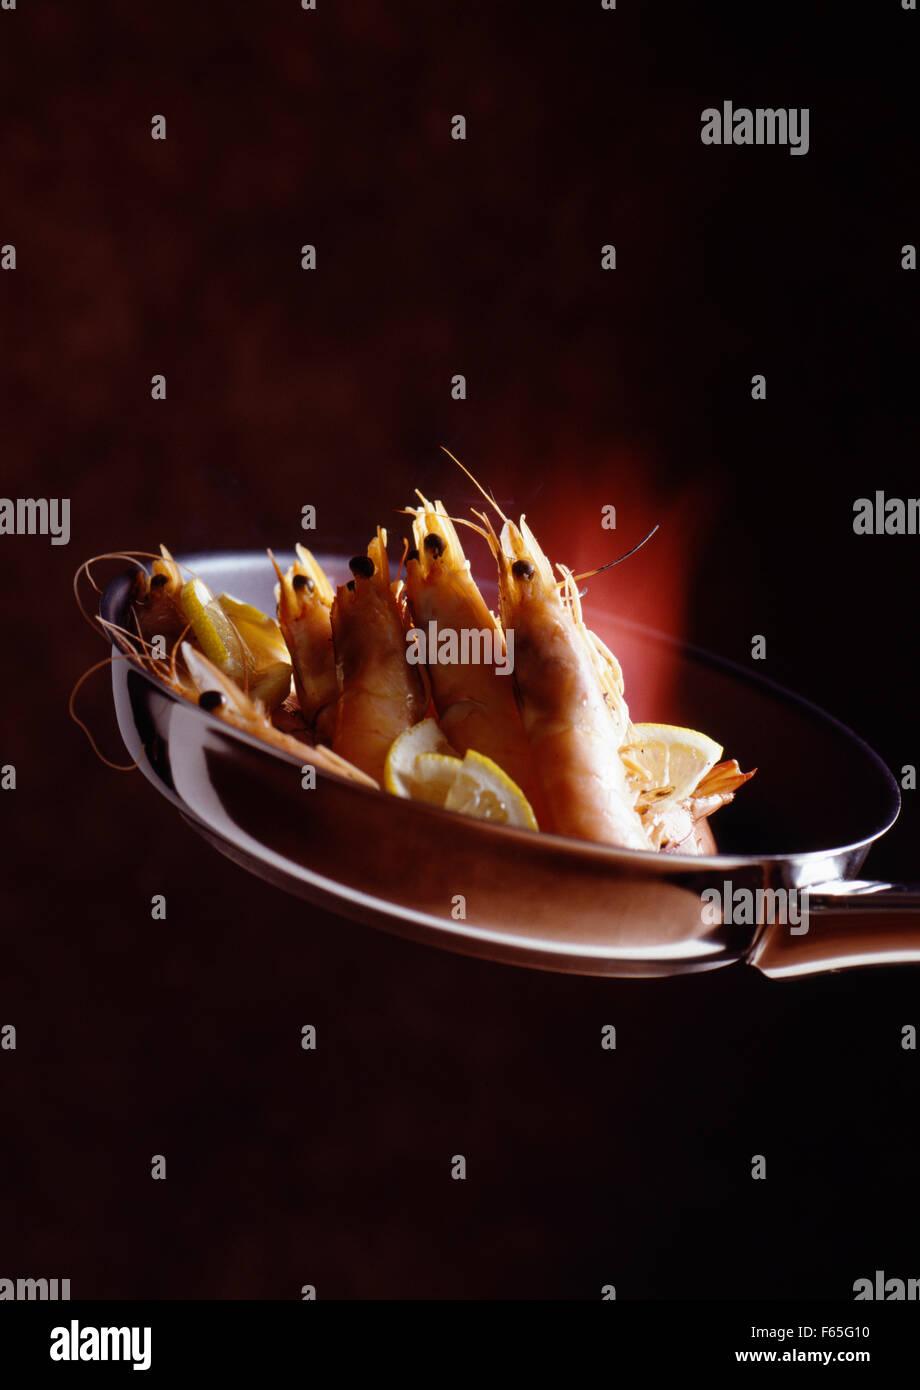 Crevettes flambées Banque D'Images